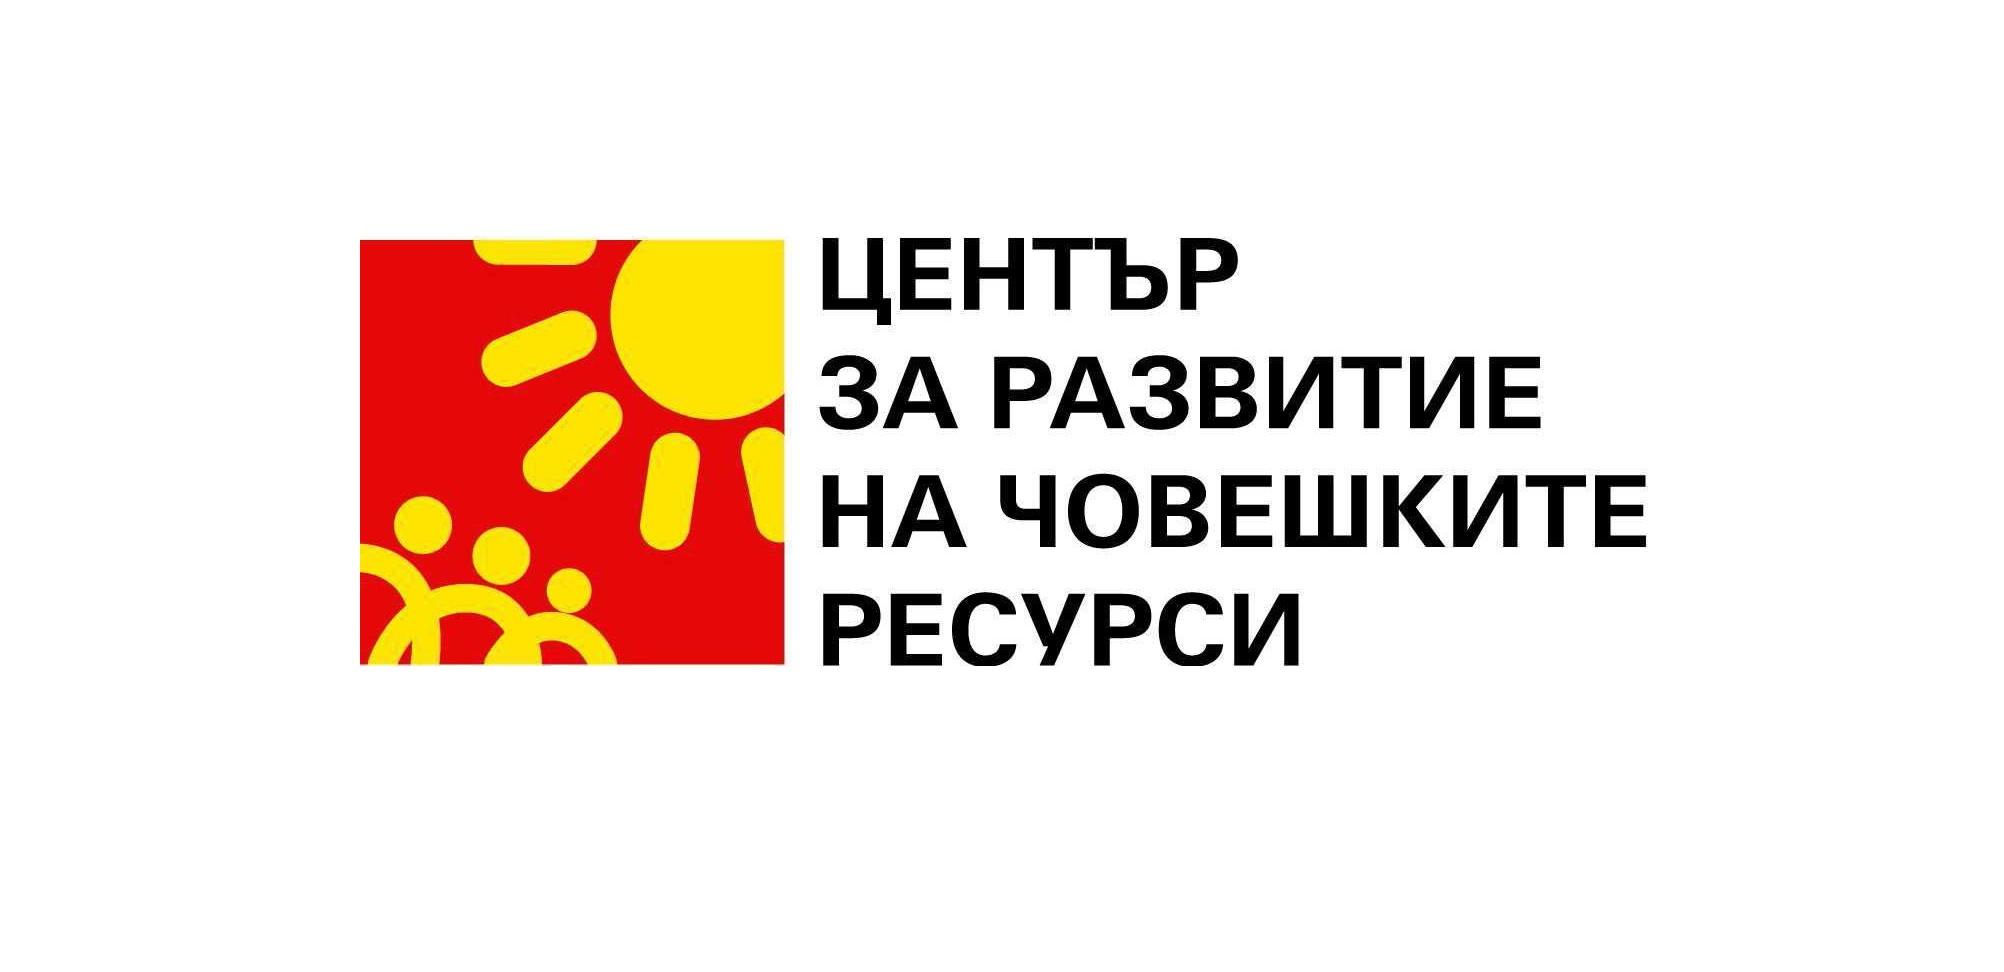 Агенция за развитие на човешките ресурси (АРЧР)